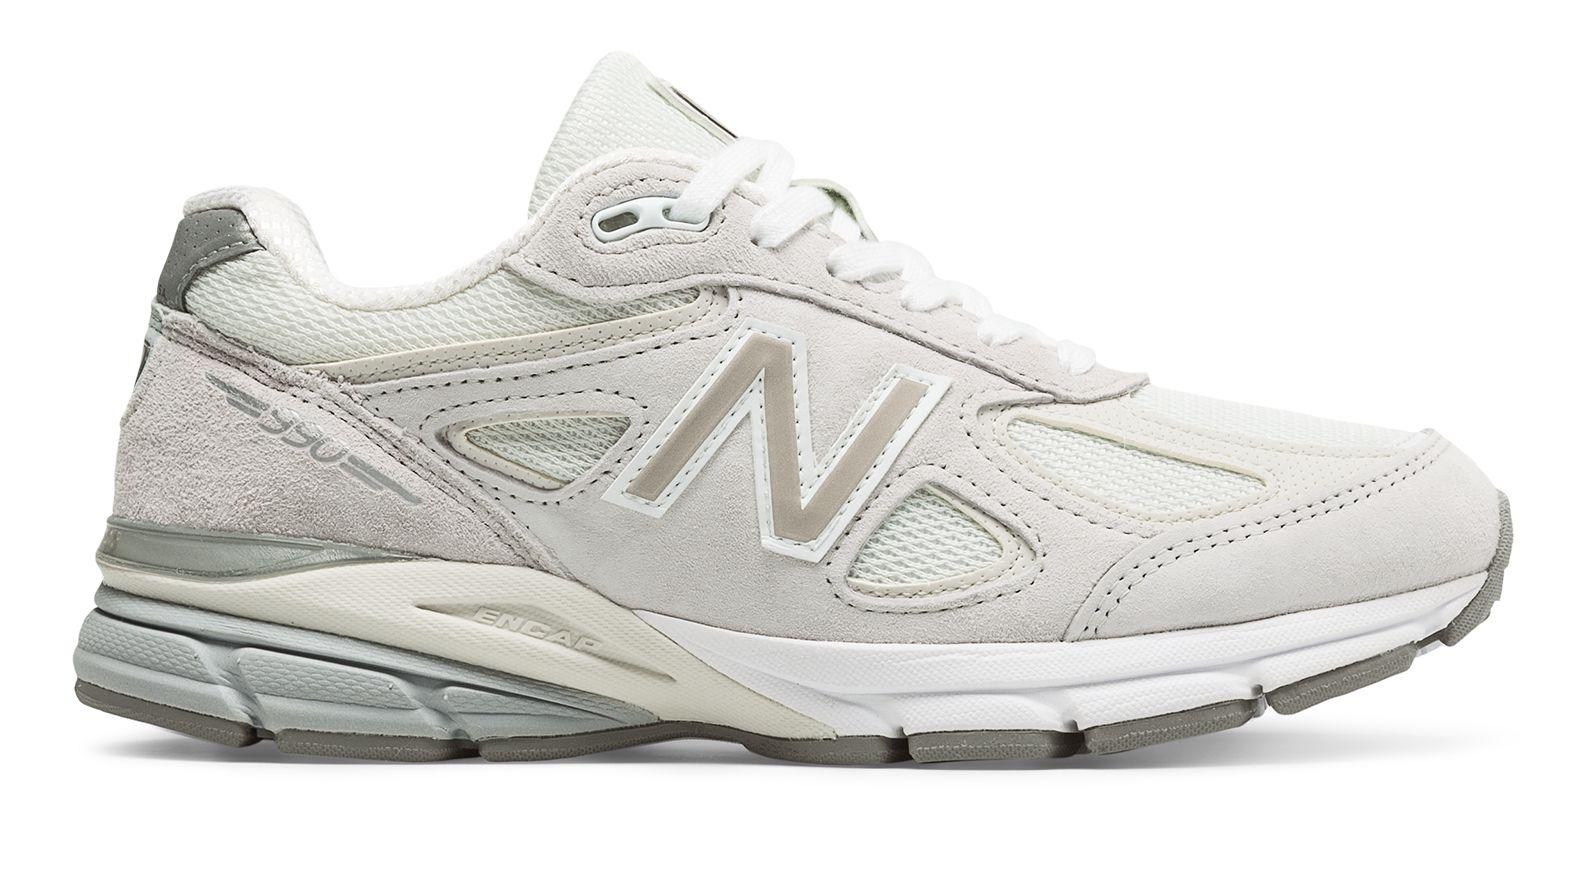 New Balance 990 Donne saznbr706U